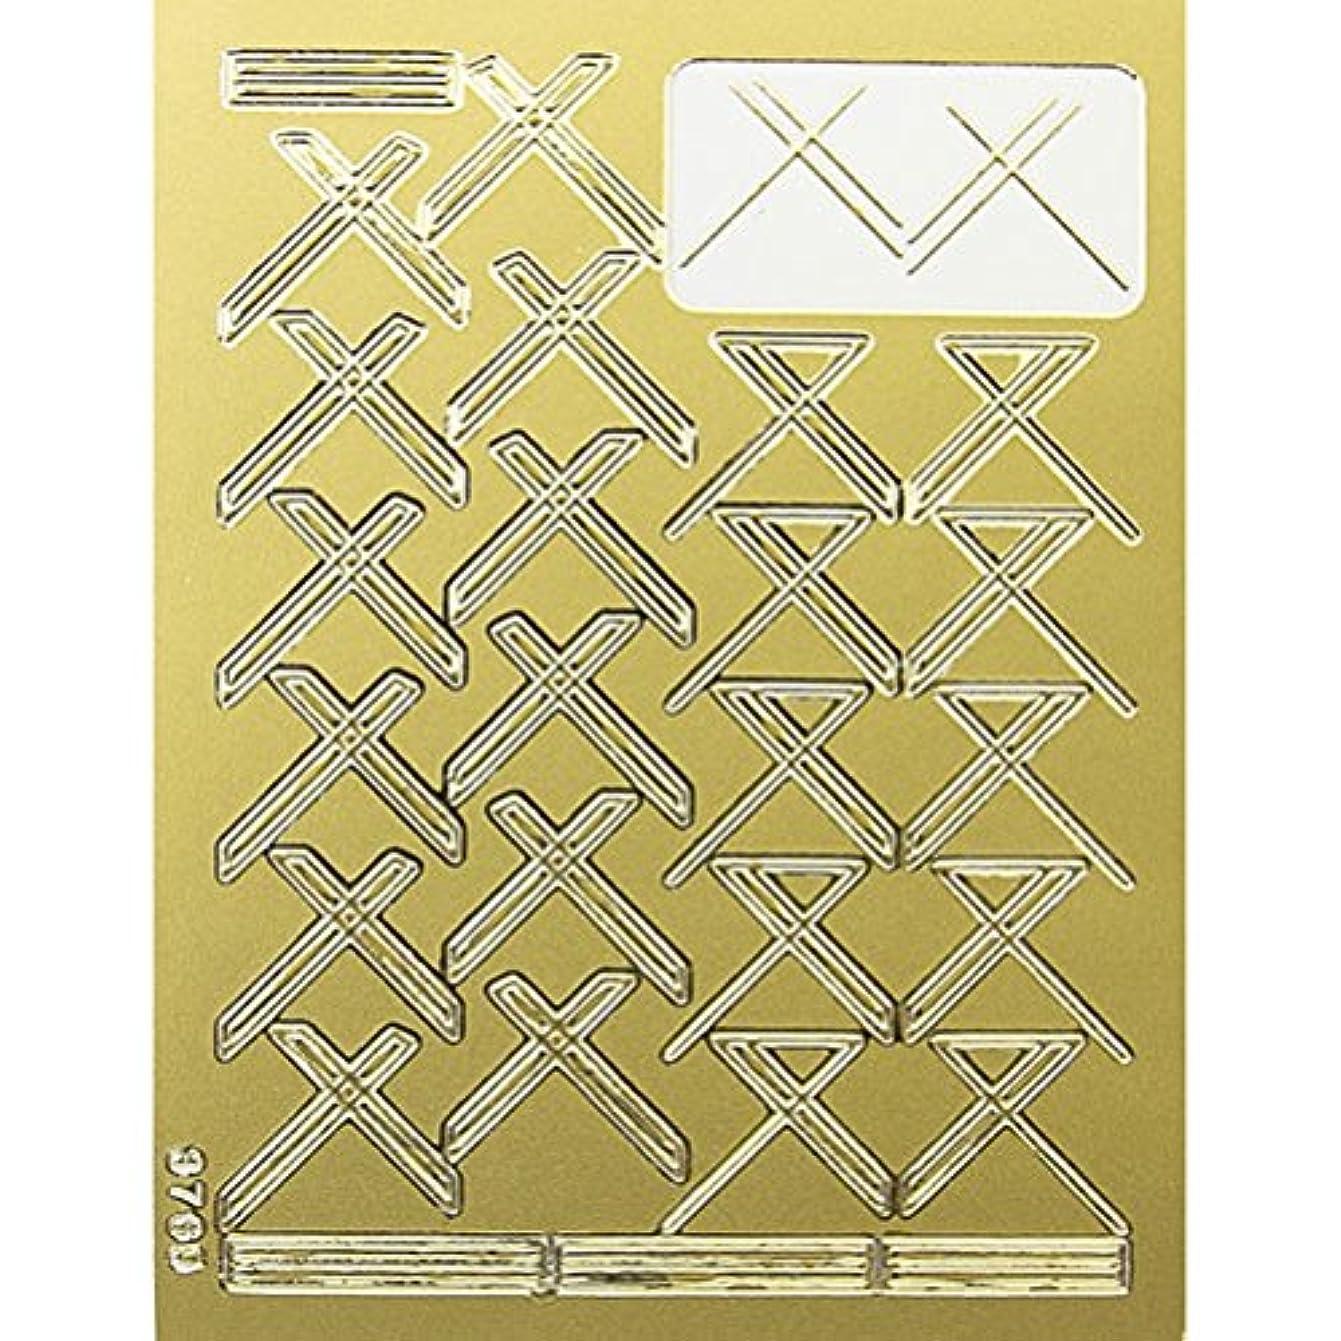 義務的層賞賛するネイルエンボスシール ゴールドクロス 590-1001